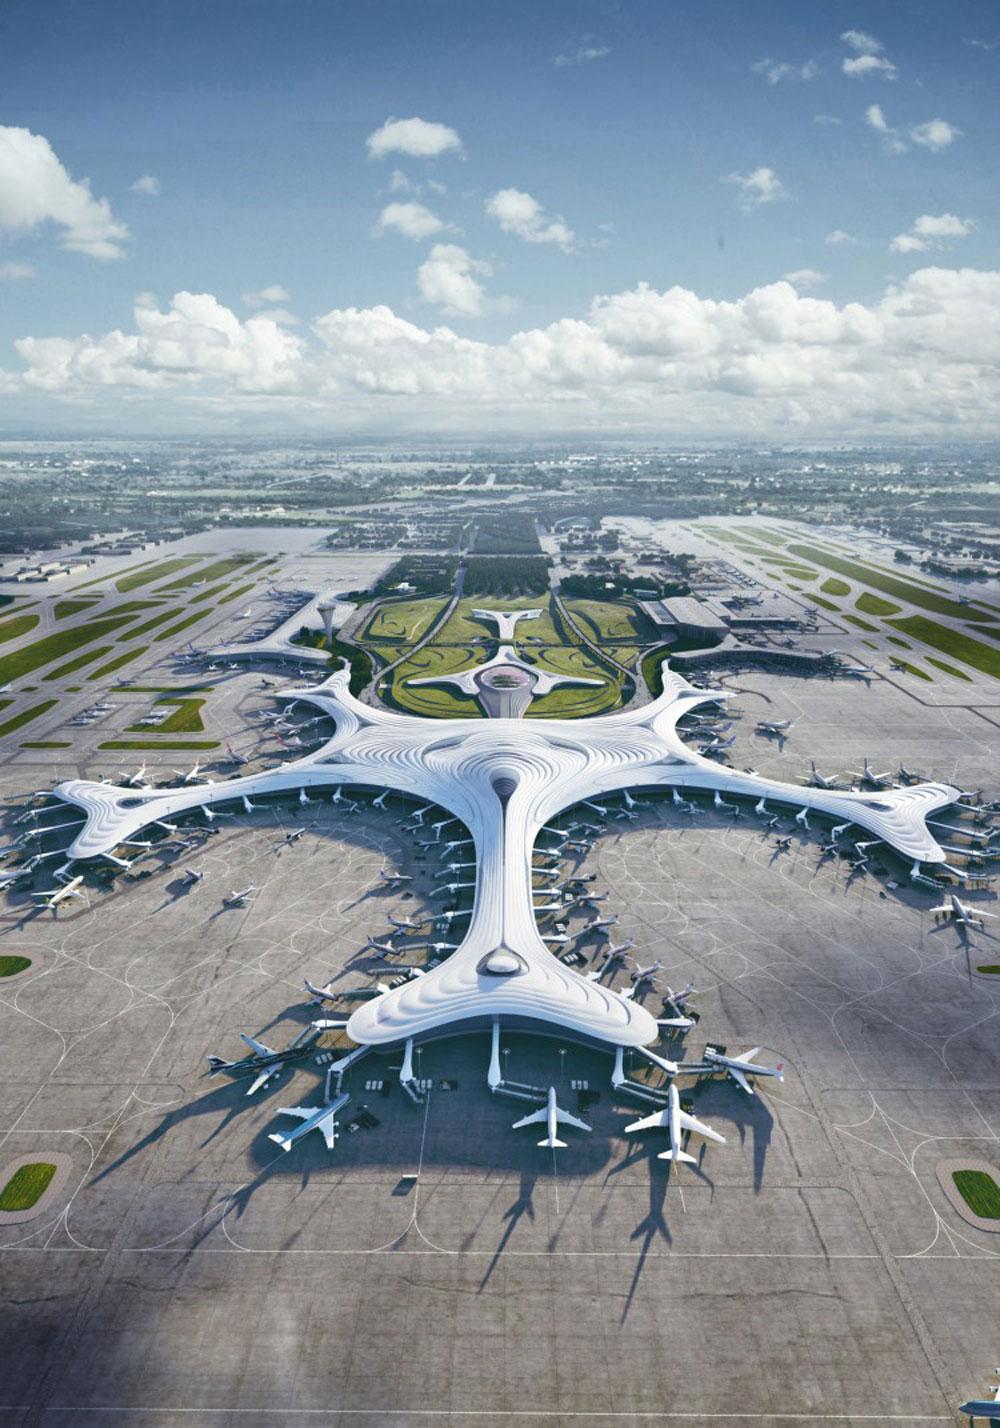 01_MAD_Harbin-Airport-T3-e1558628904916.jpg